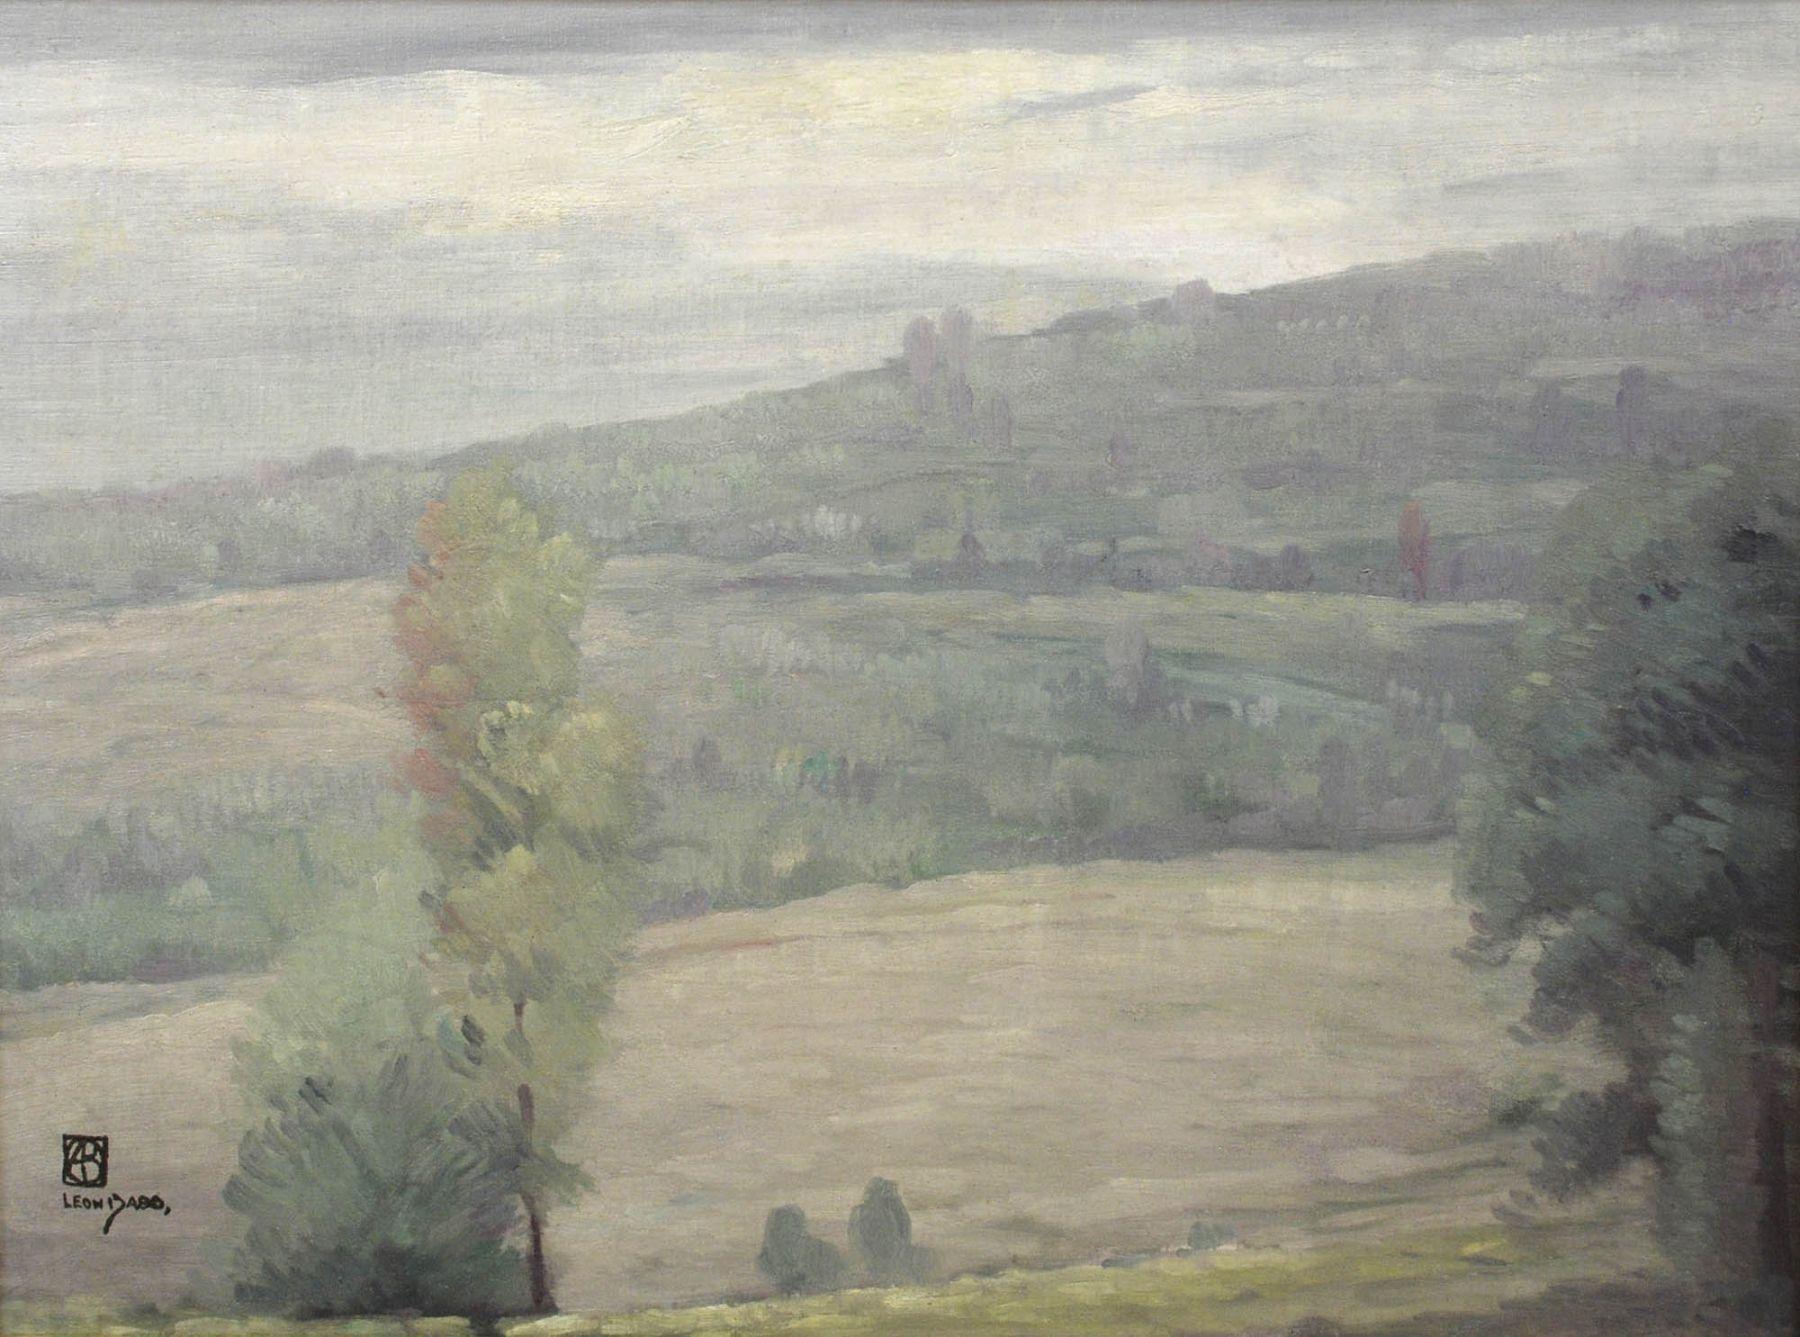 Leon Dabo, Fog and Hills, c 1900